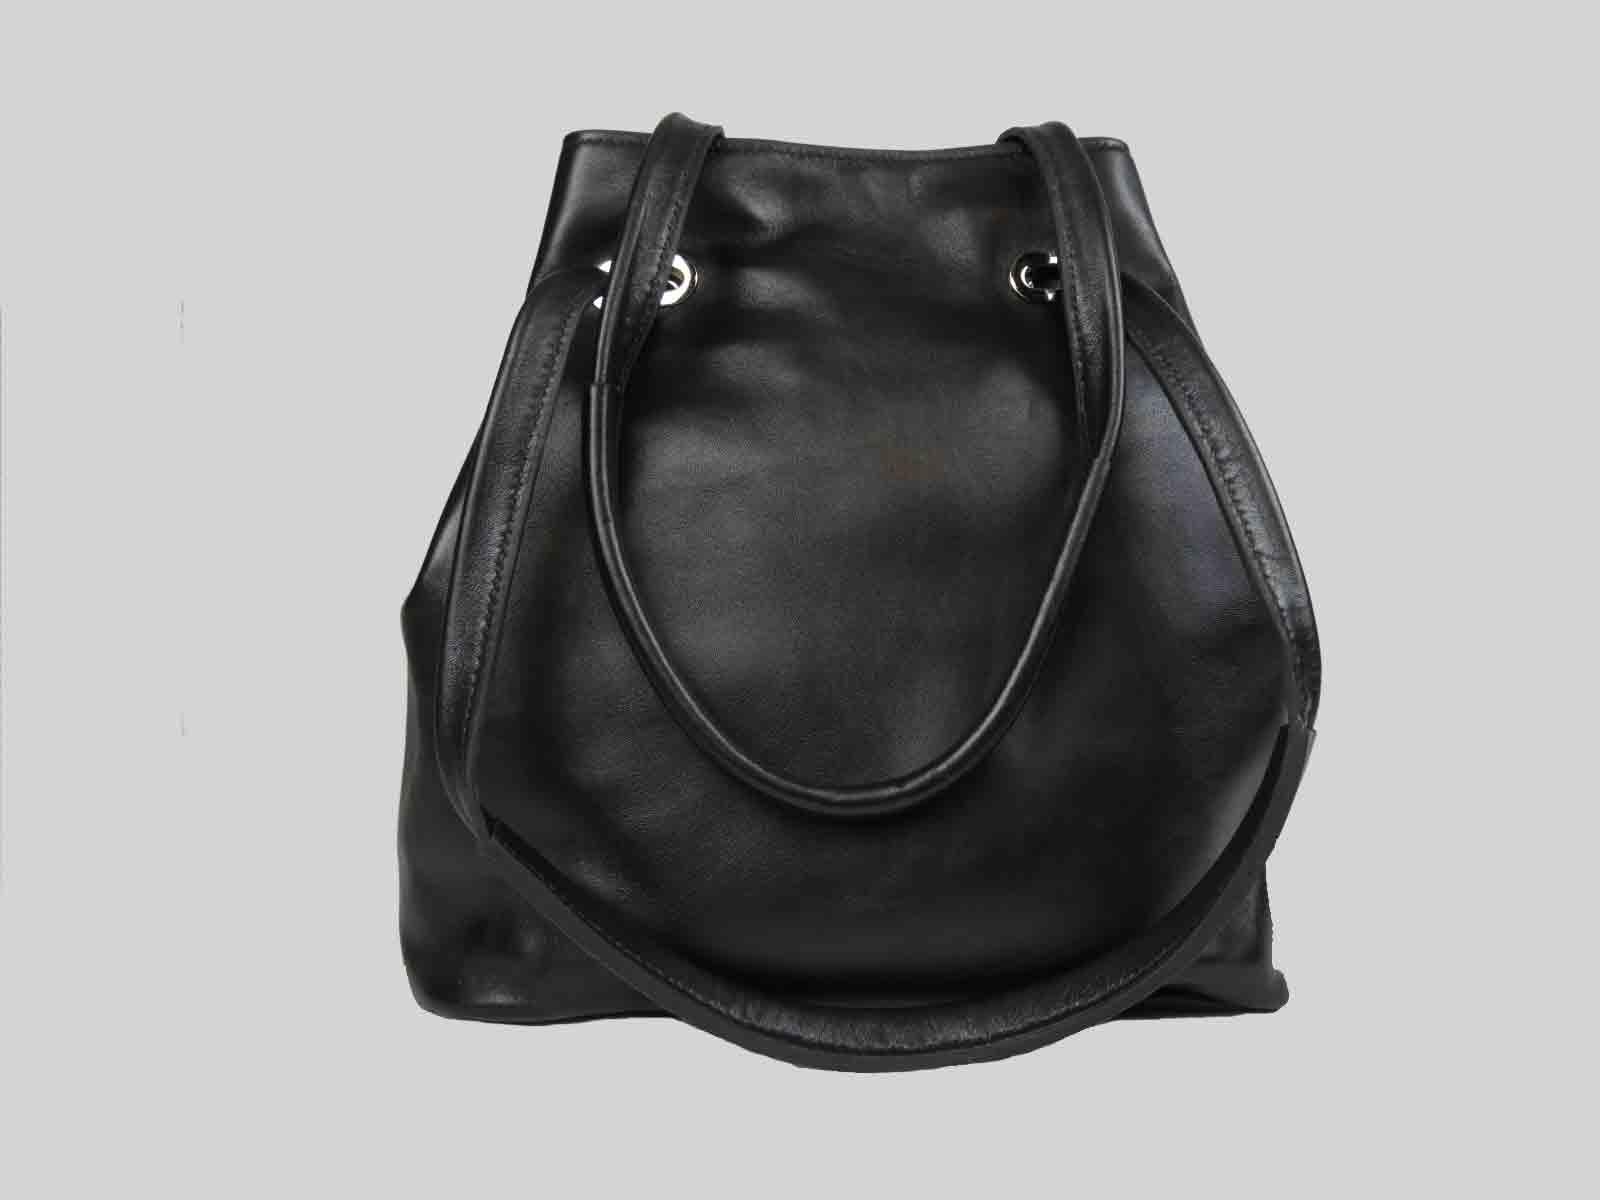 KORO sac porté épaule ou croisé en cuir de veau noir